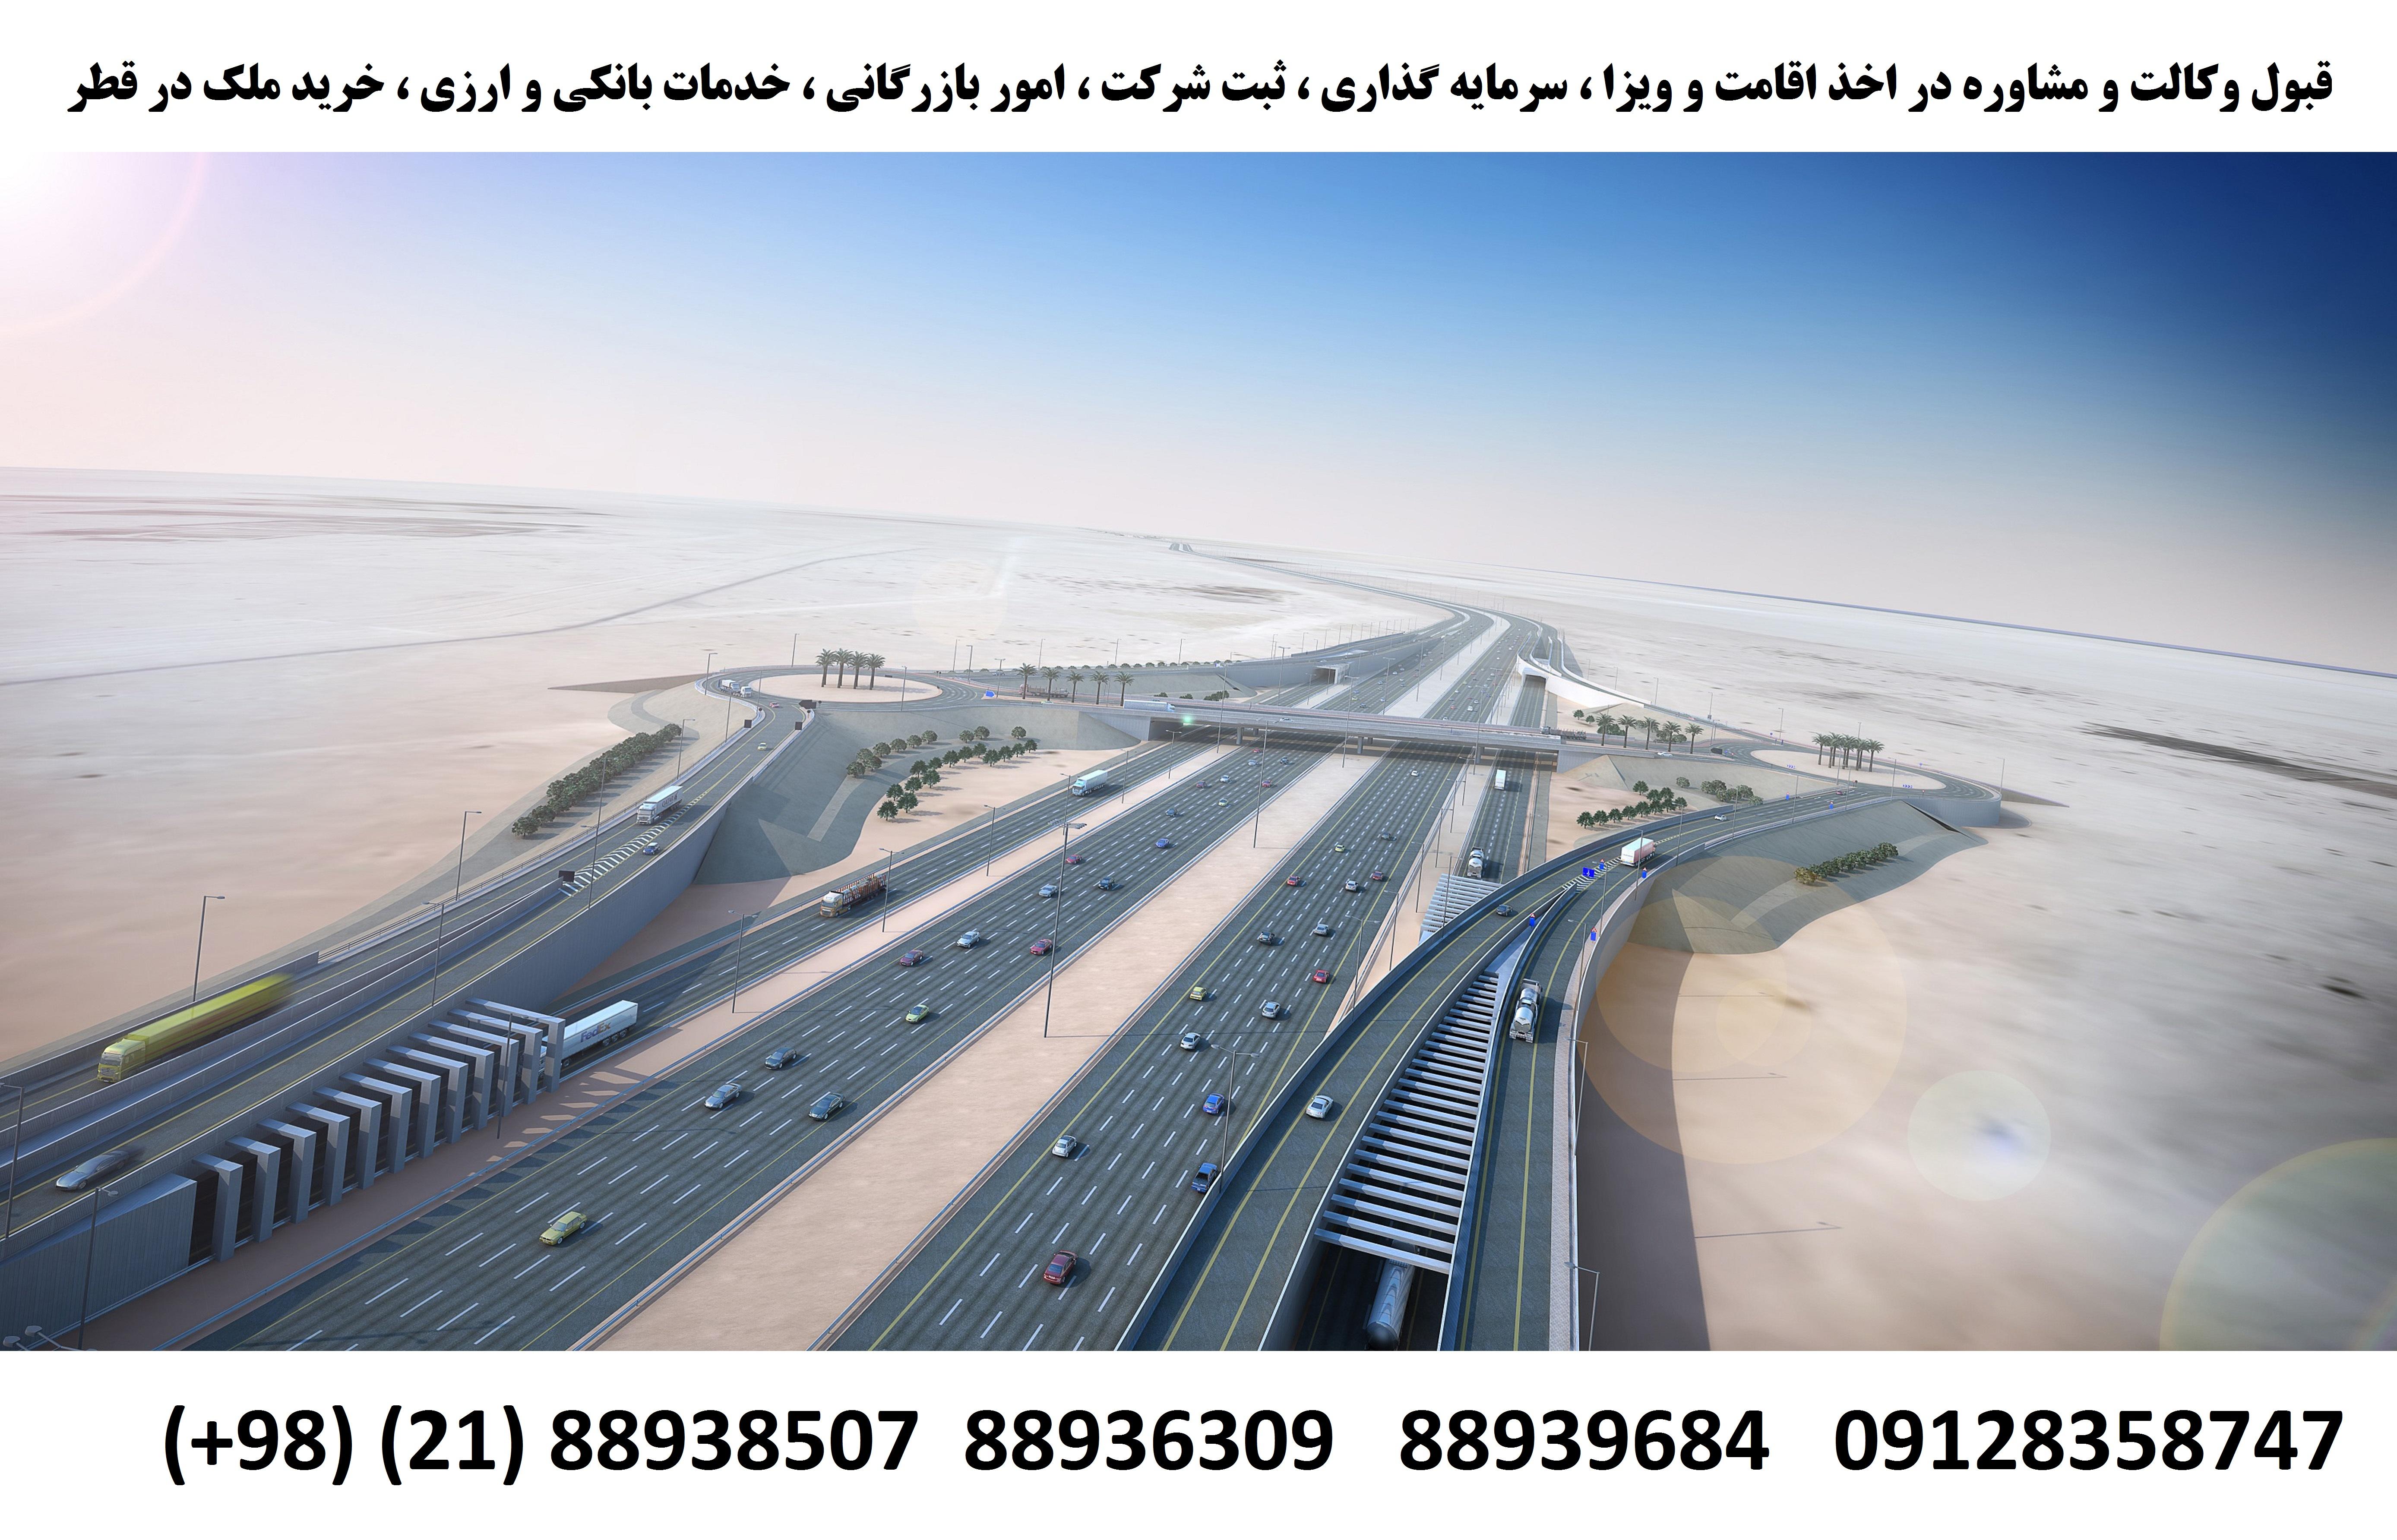 گرفتن شریک تجاری ، ثبت شرکت ، صادرات و واردات ، در کشور قطر (3)